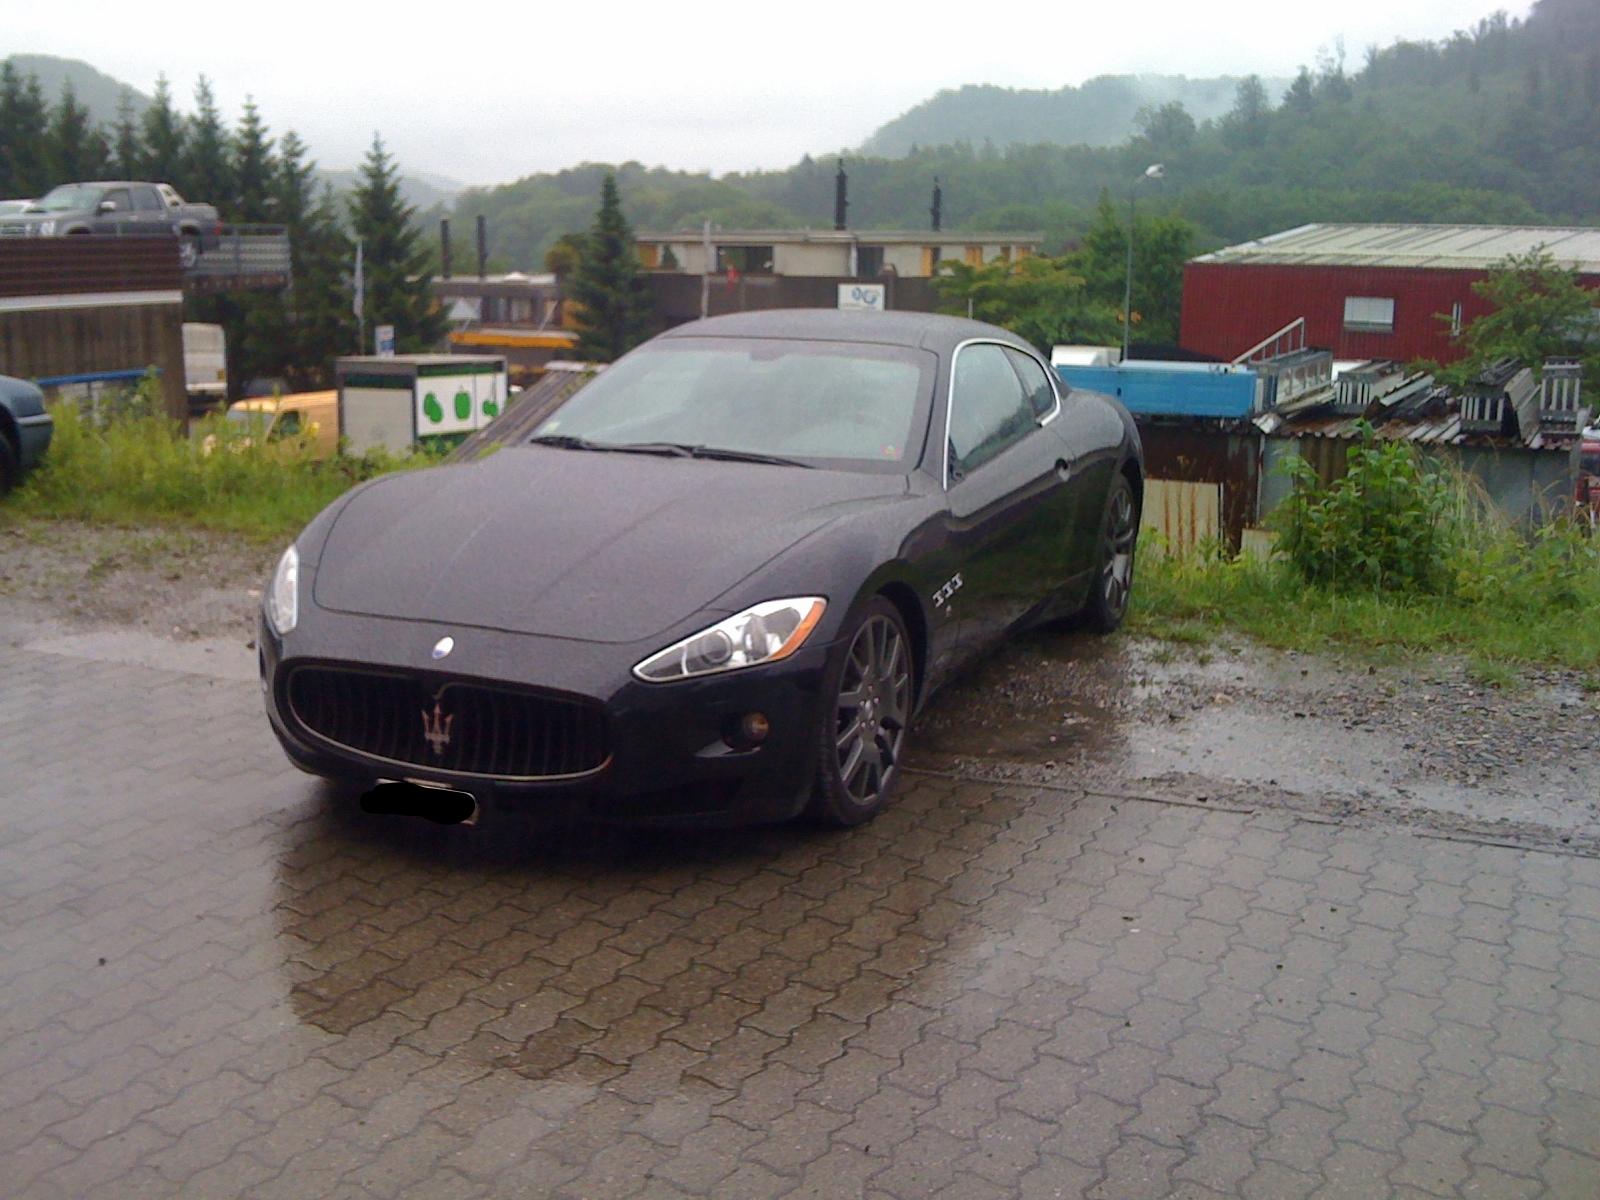 carriot rudolfstetten Maserati.JPG